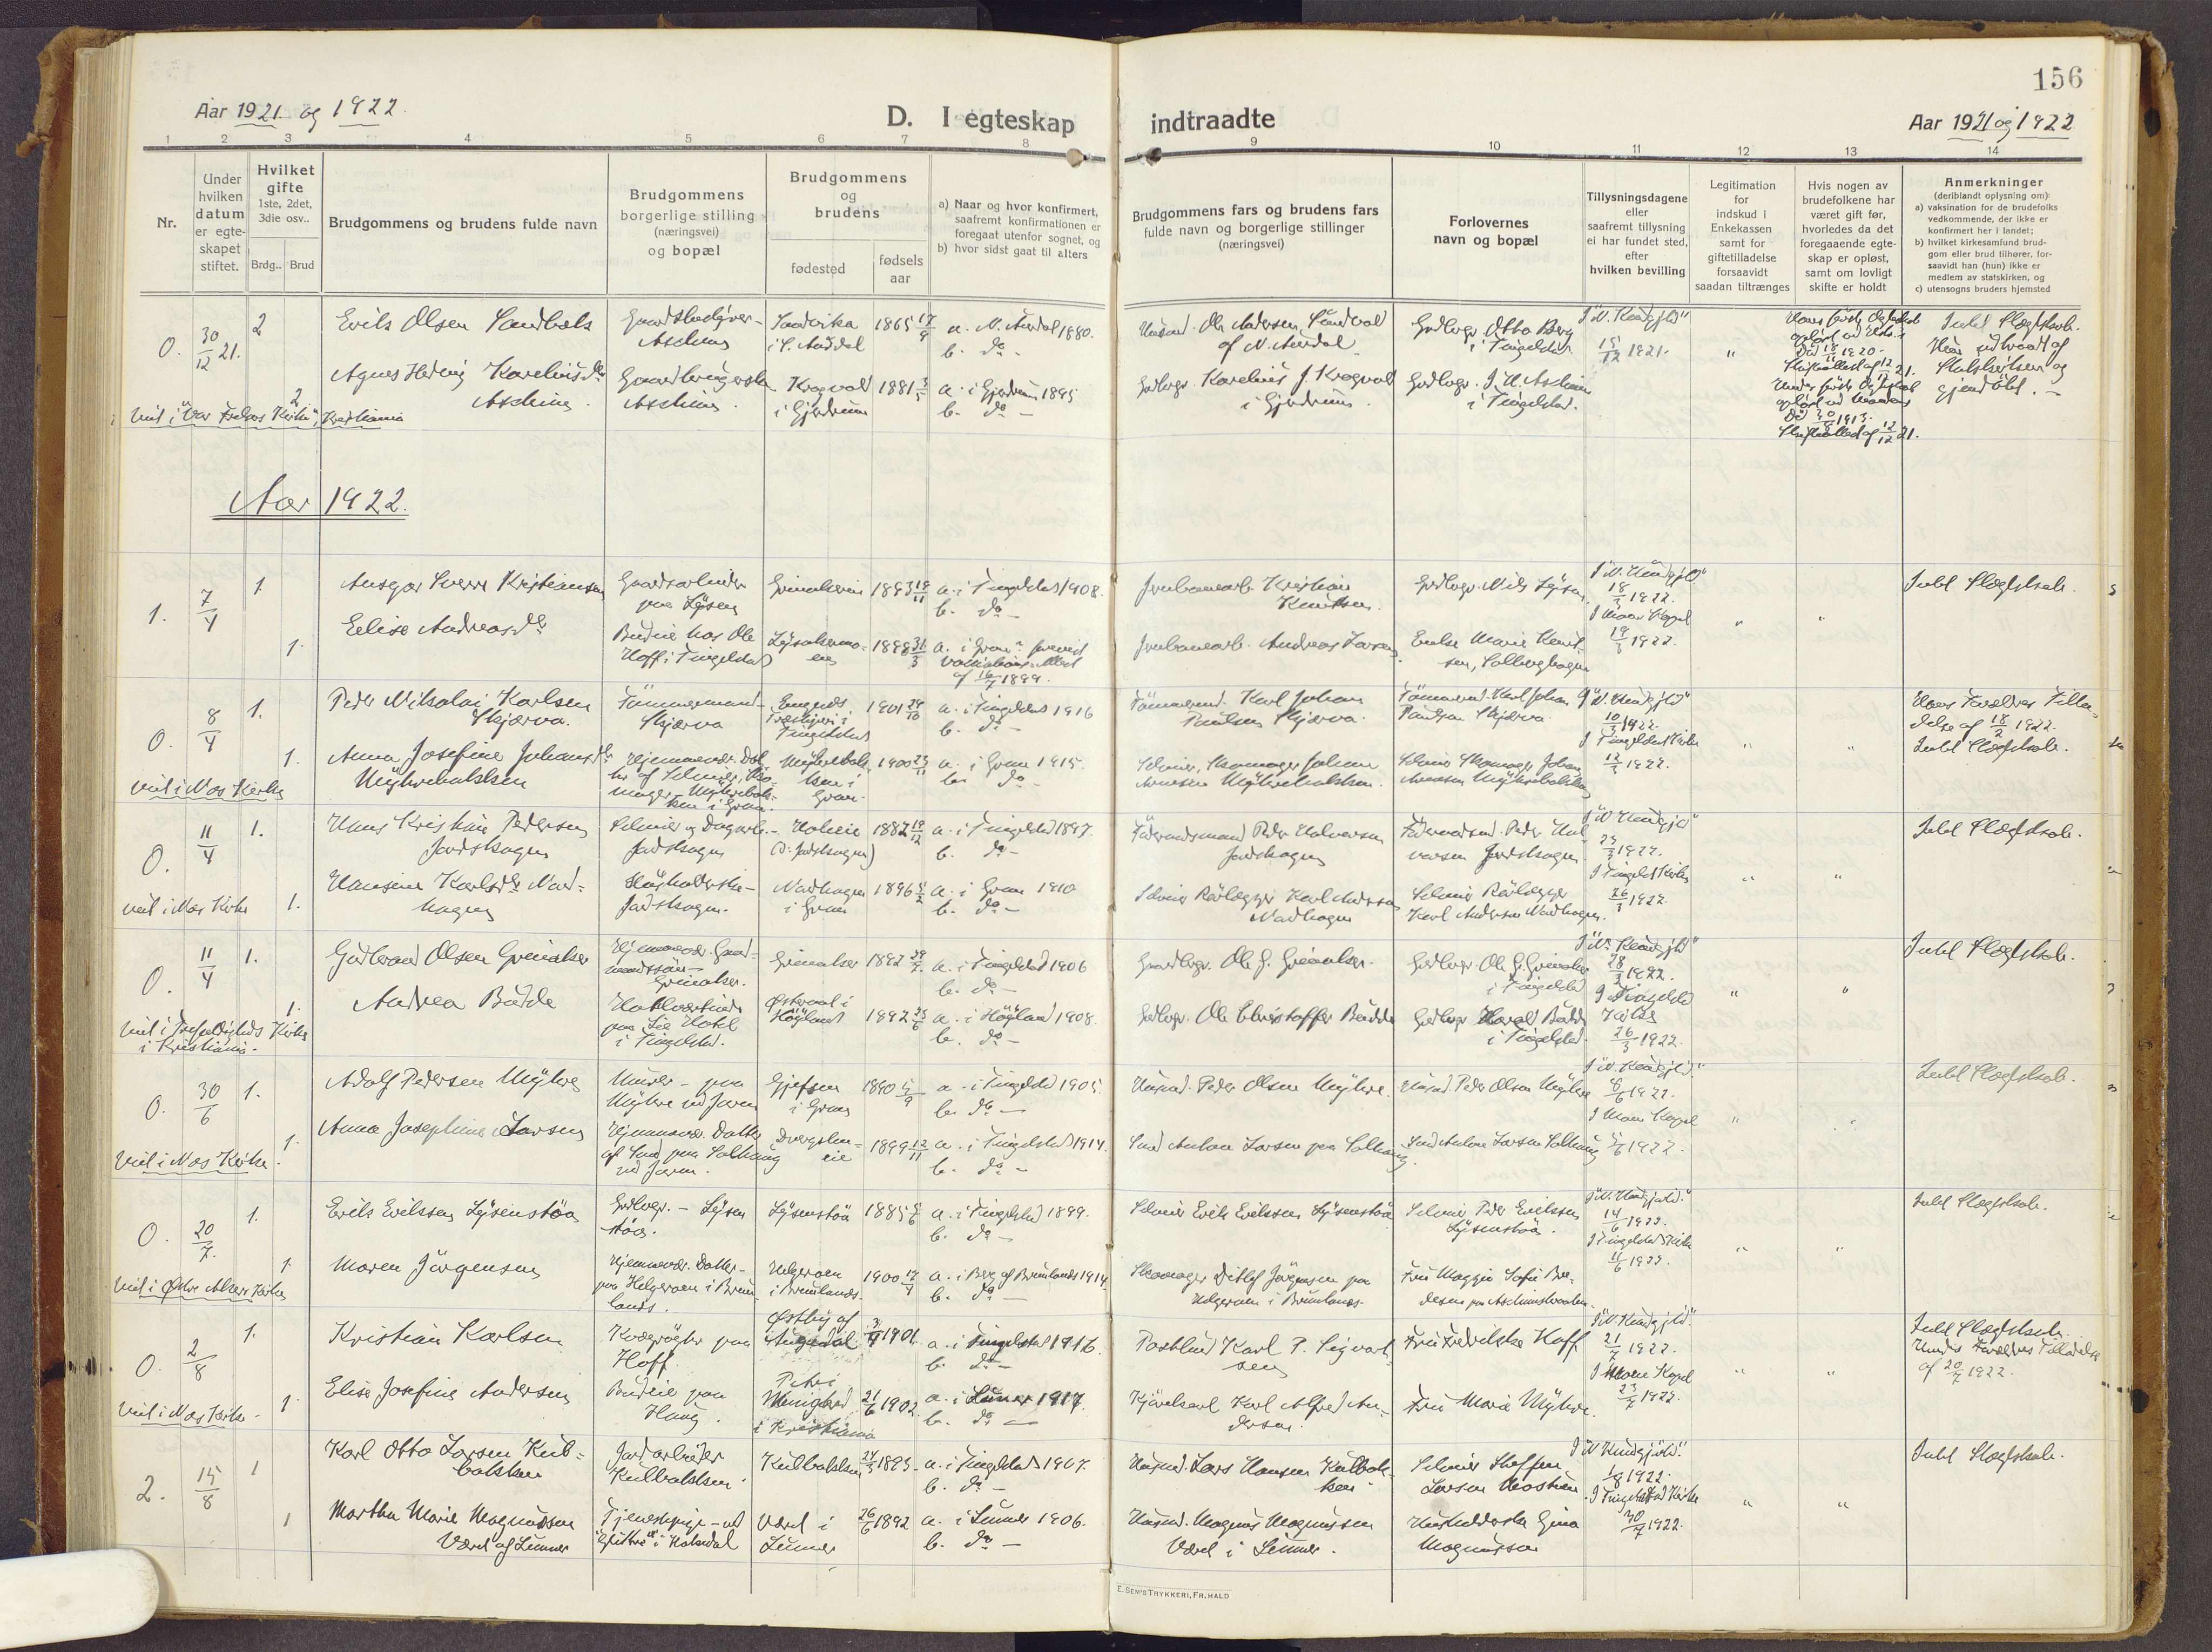 SAH, Brandbu prestekontor, Ministerialbok nr. 3, 1914-1928, s. 156